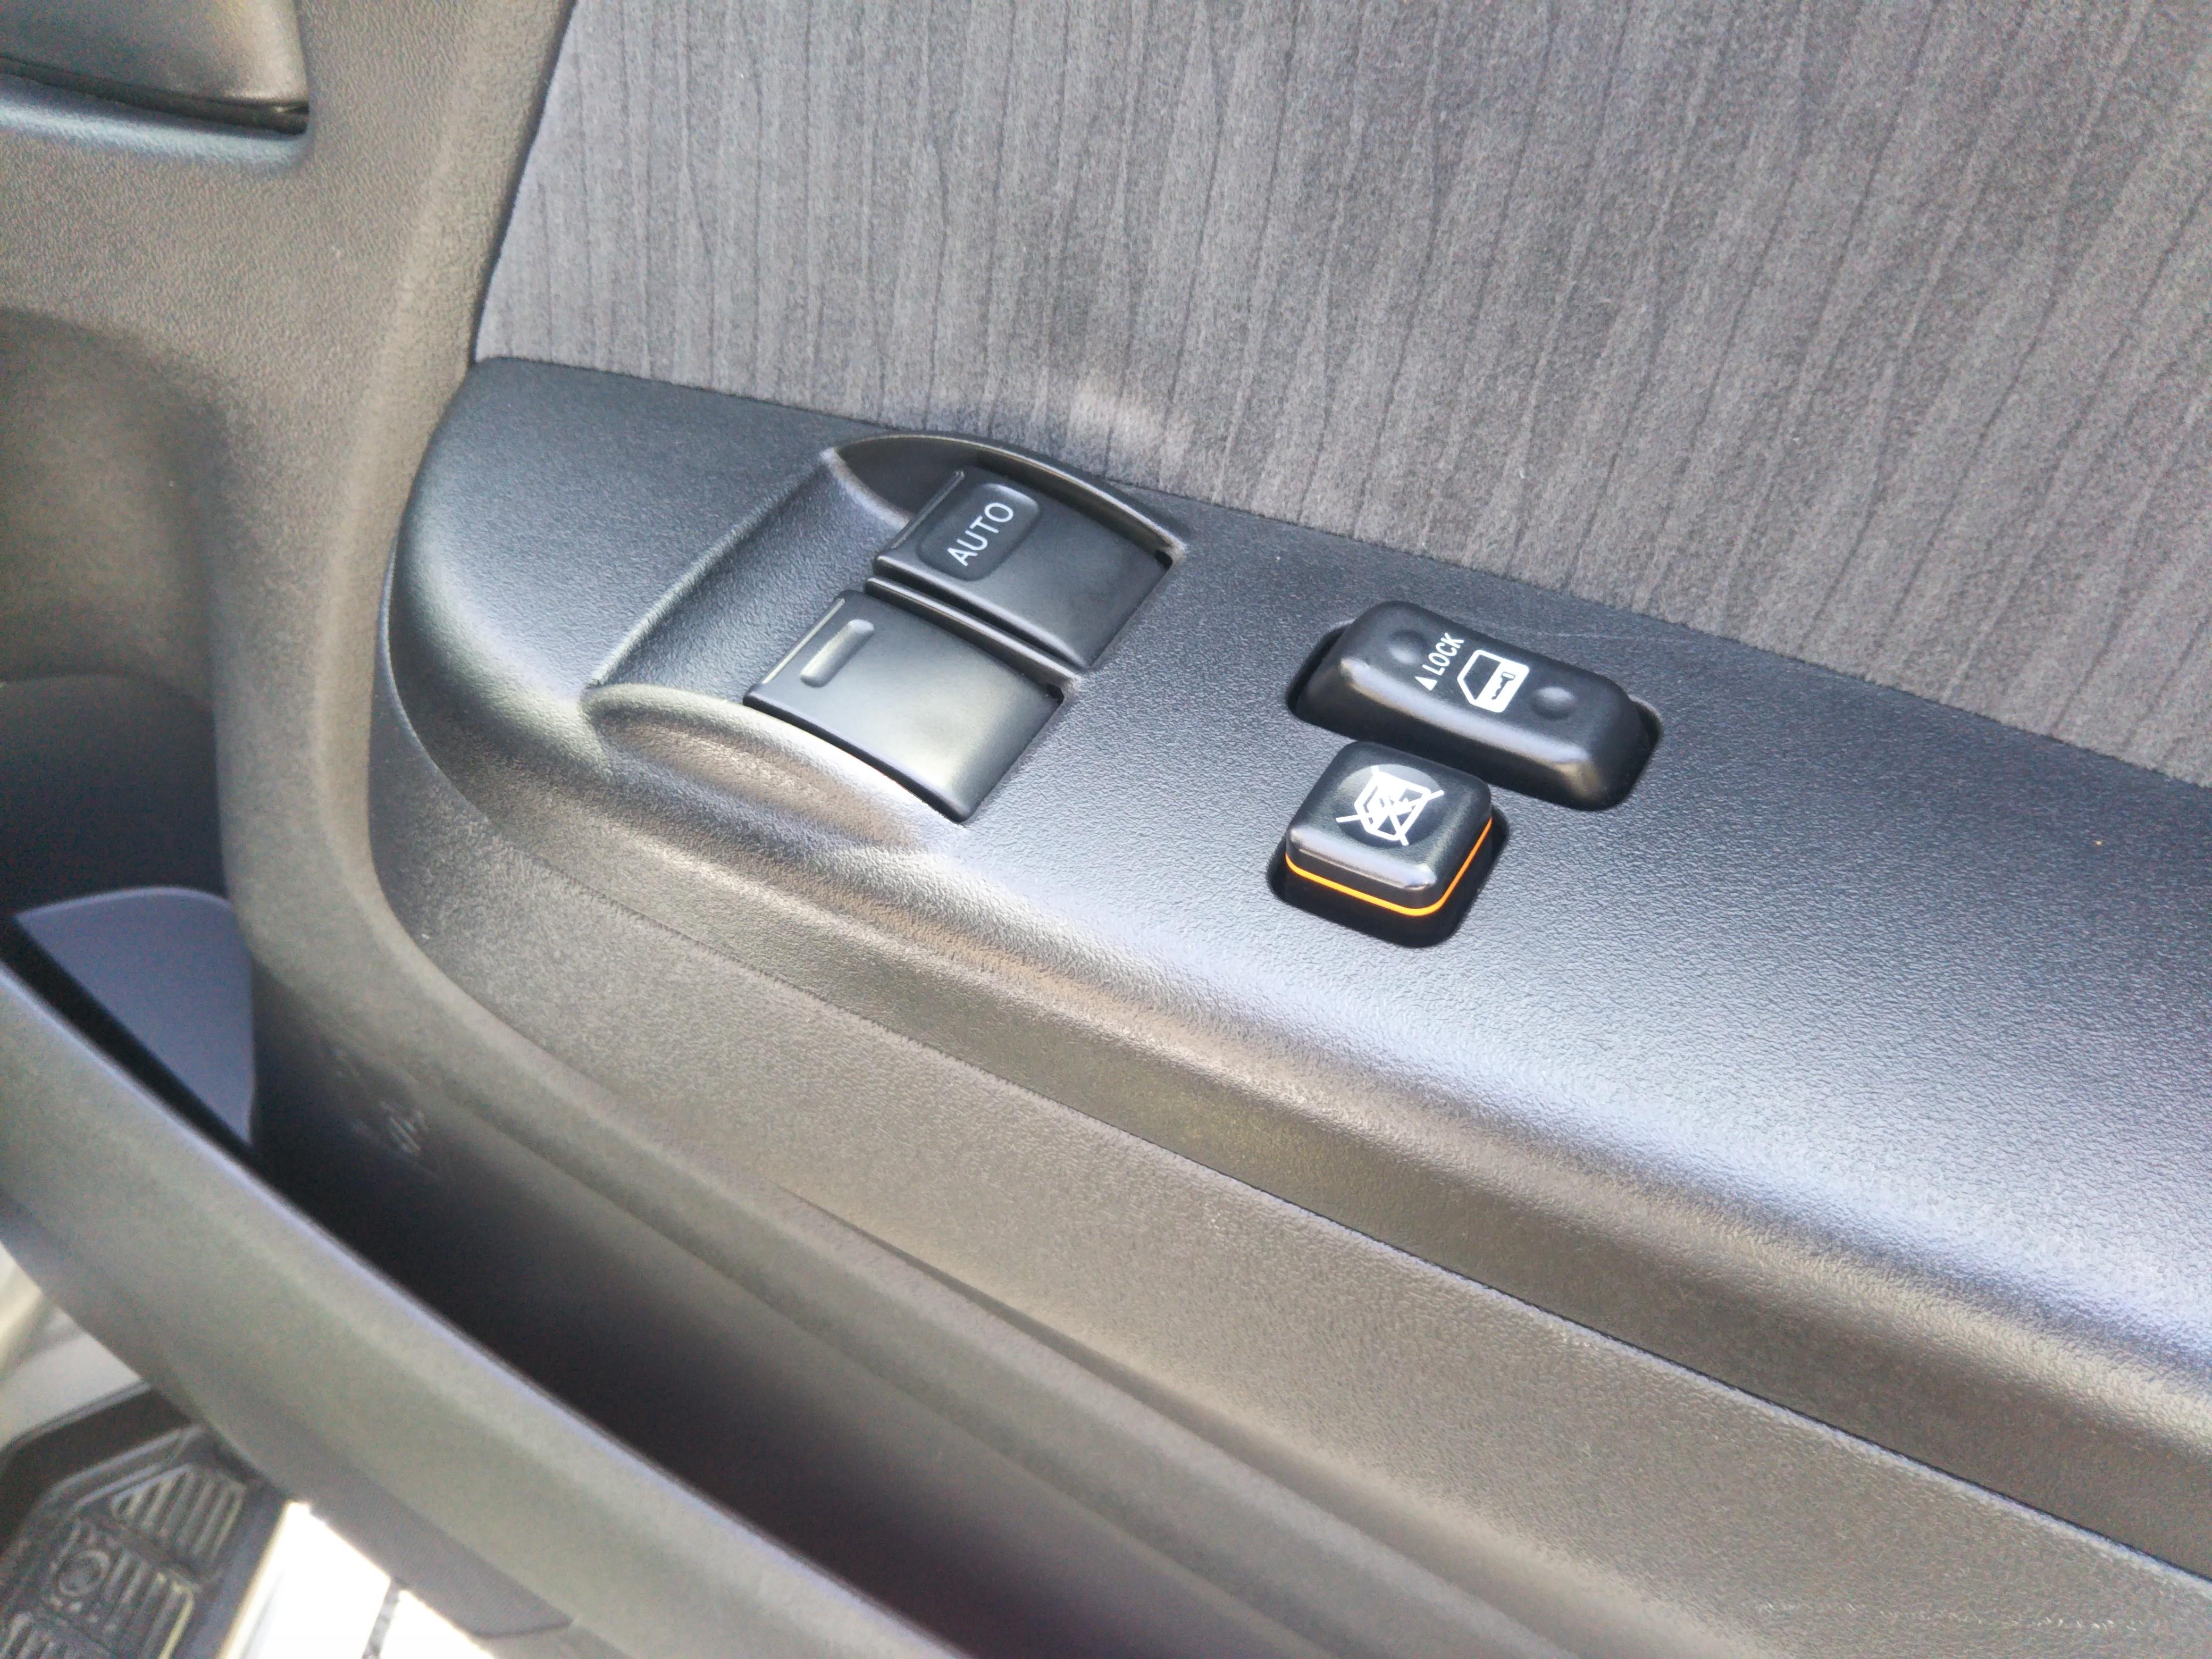 トヨタハイエースVⅢ型 5DワイドロングSP-GLの車両写真 その5